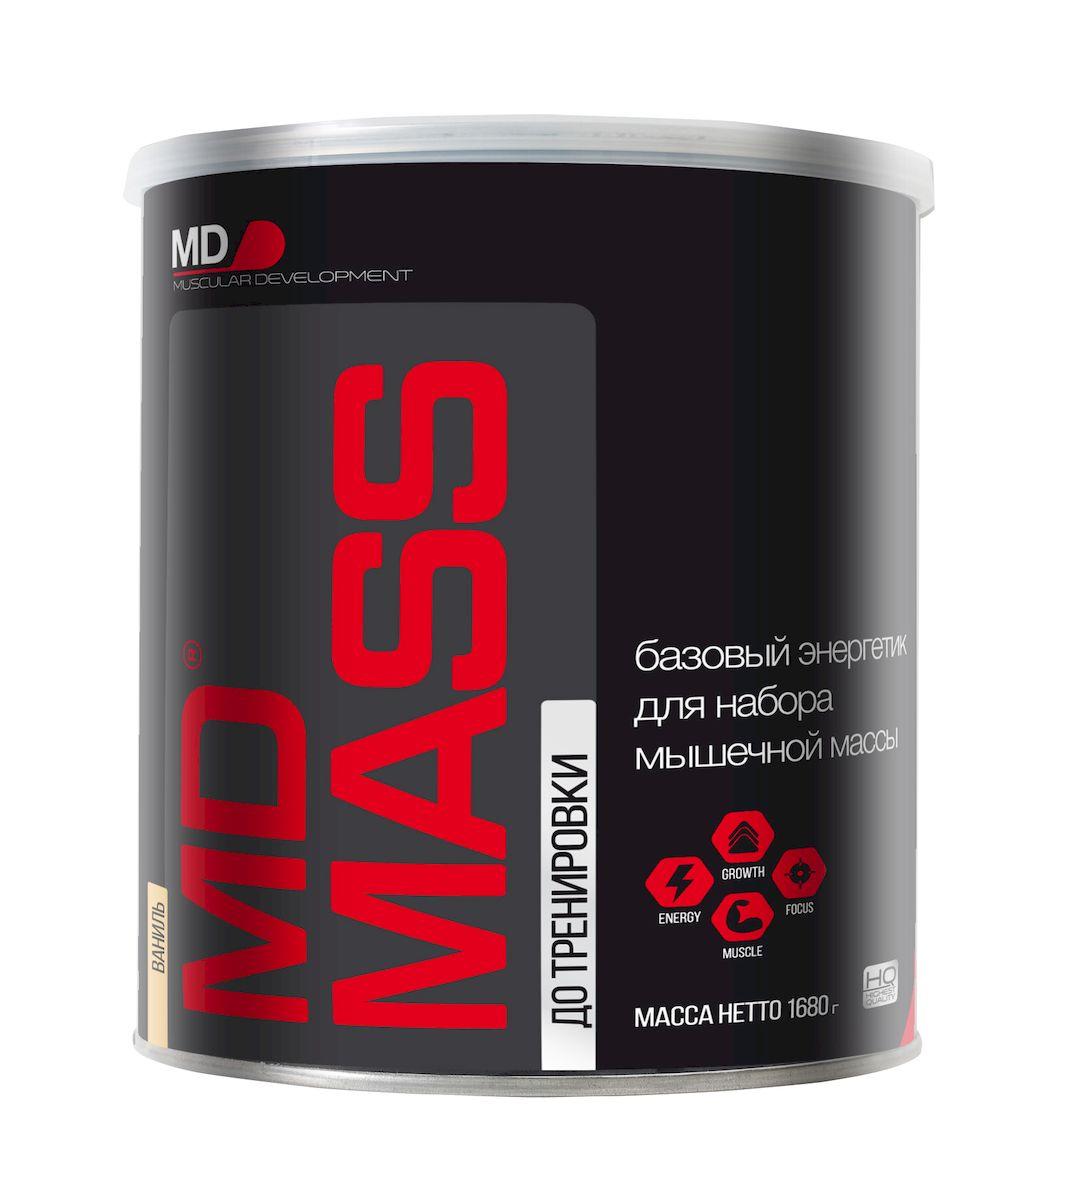 MD Энергетик Масс, 1,68 кг, ванильный4650069827352Базовый энергетик для набора мышечной массы MD Mass – формула для интенсивного набора сухой мышечной массы. MD Mass включает: Комплекс казеинатов молока, соевого и сывороточного белков, позволяющий сбалансировать аминокислотный профиль; смесь углеводов с пролонгированным временем расщепления; комплекс десяти витаминов; легкое смешивание без миксера; Состав: Белок 19 г на 10 столовых ложек (120г) с 400 мл воды, 31 г на 10 столовых ложек (120 г) с 400 мл 3% молока, углеводы 90 г на 10 столовых ложек (120г) с 400 мл воды, 109 г на 10 столовых ложек (120 г) с 400 мл 3% молока, Жир 4,2 г на 10 столовых ложек (120г) с 400 мл воды, 7,4 г 10 столовых ложек (120 г) с 400 мл 3% молока, калории 474 ккал на 10 столовых ложек (120г) с 400 мл воды, 707 ккал 10 столовых ложек (120 г) с 400 мл 3% молока, кальций 0,51 г на 10 столовых ложек (120г) с 400 мл воды, 0,87 г на 10 столовых ложек (120 г) с 400 мл 3% молока, магний 0,08 г на 10 столовых ложек (120г) с 400 мл воды, 0,13 г на 10 столовых...